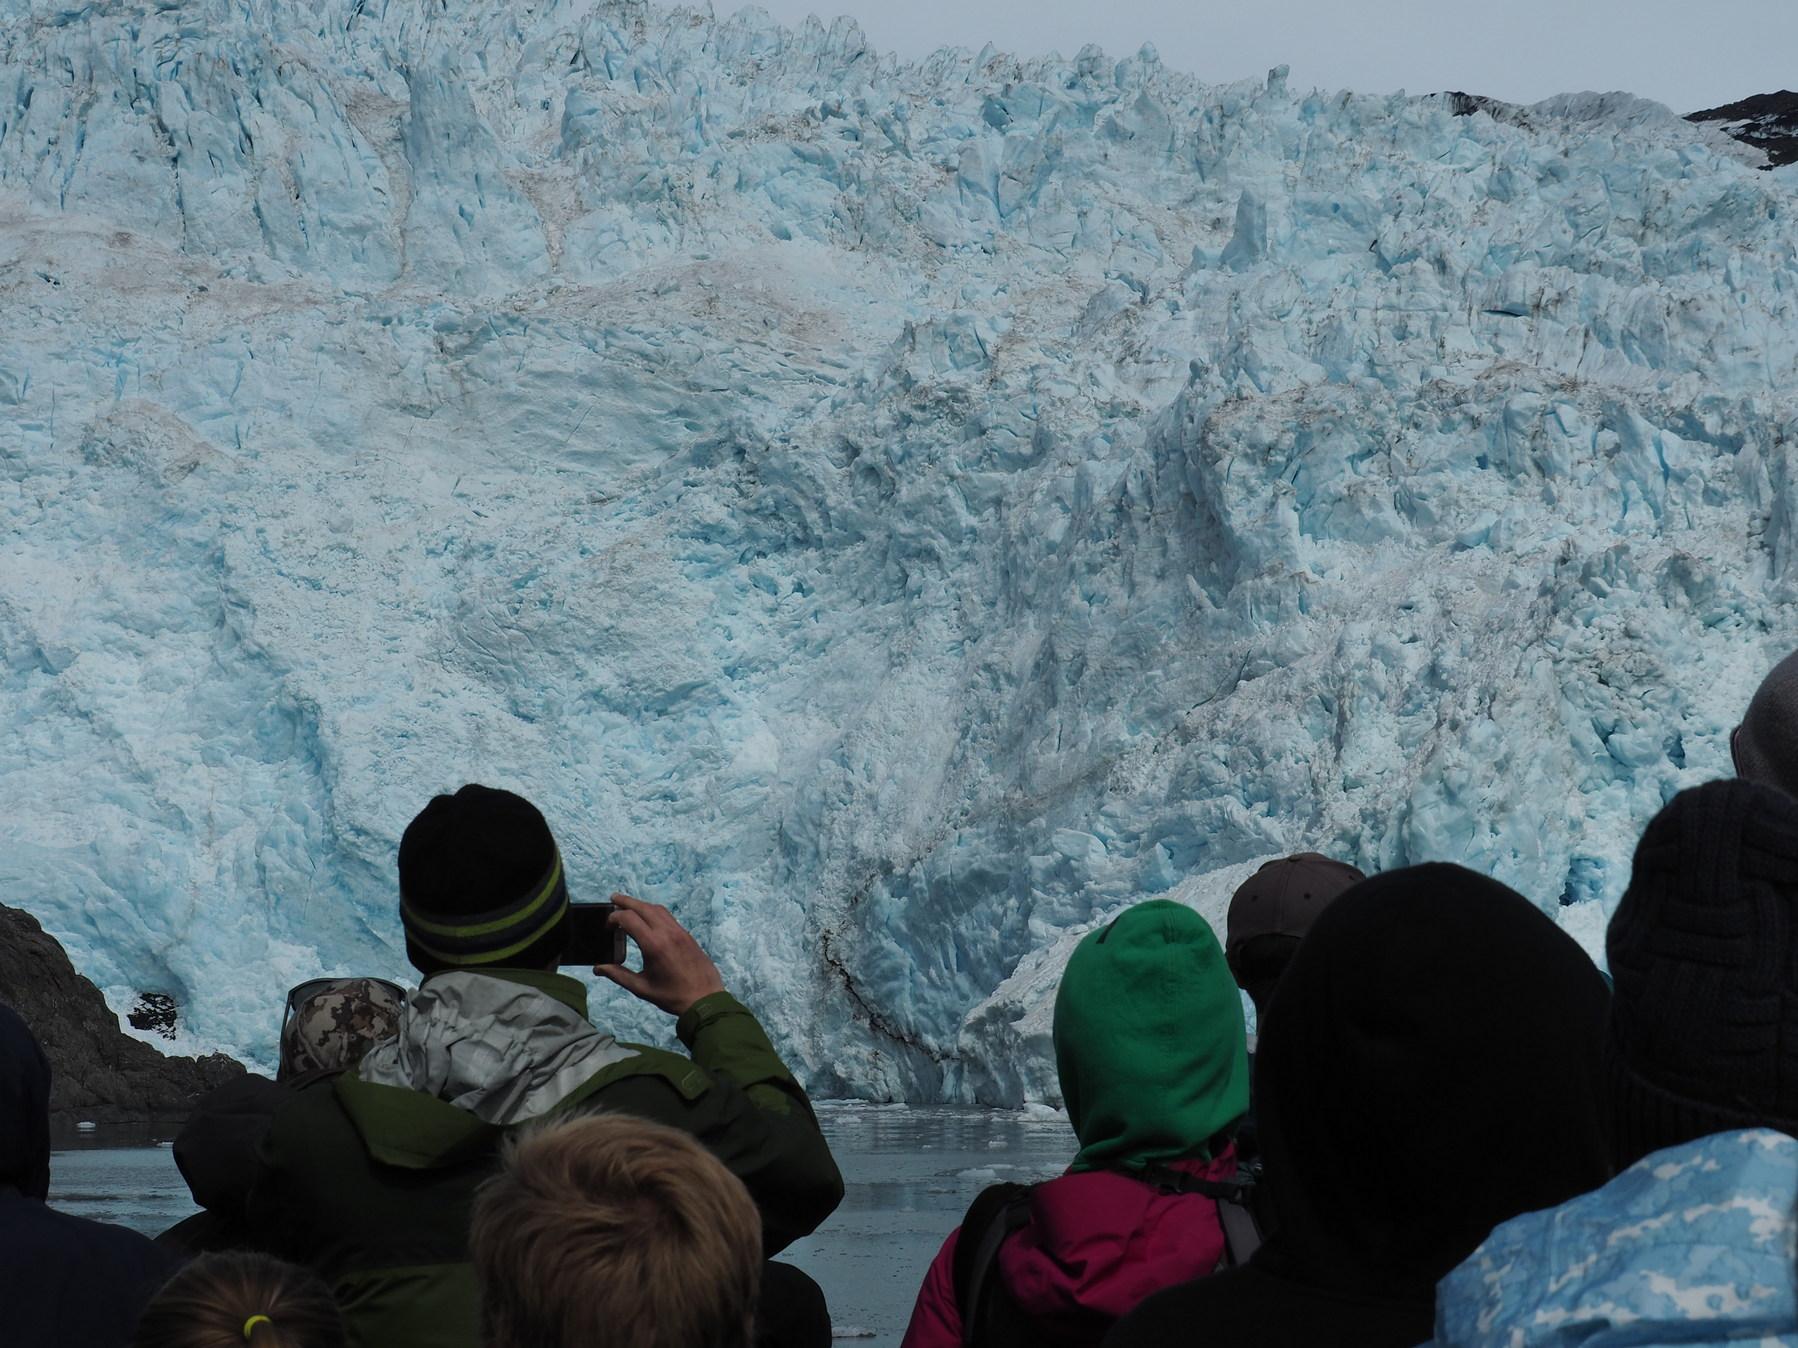 ganz nah am Gletscher